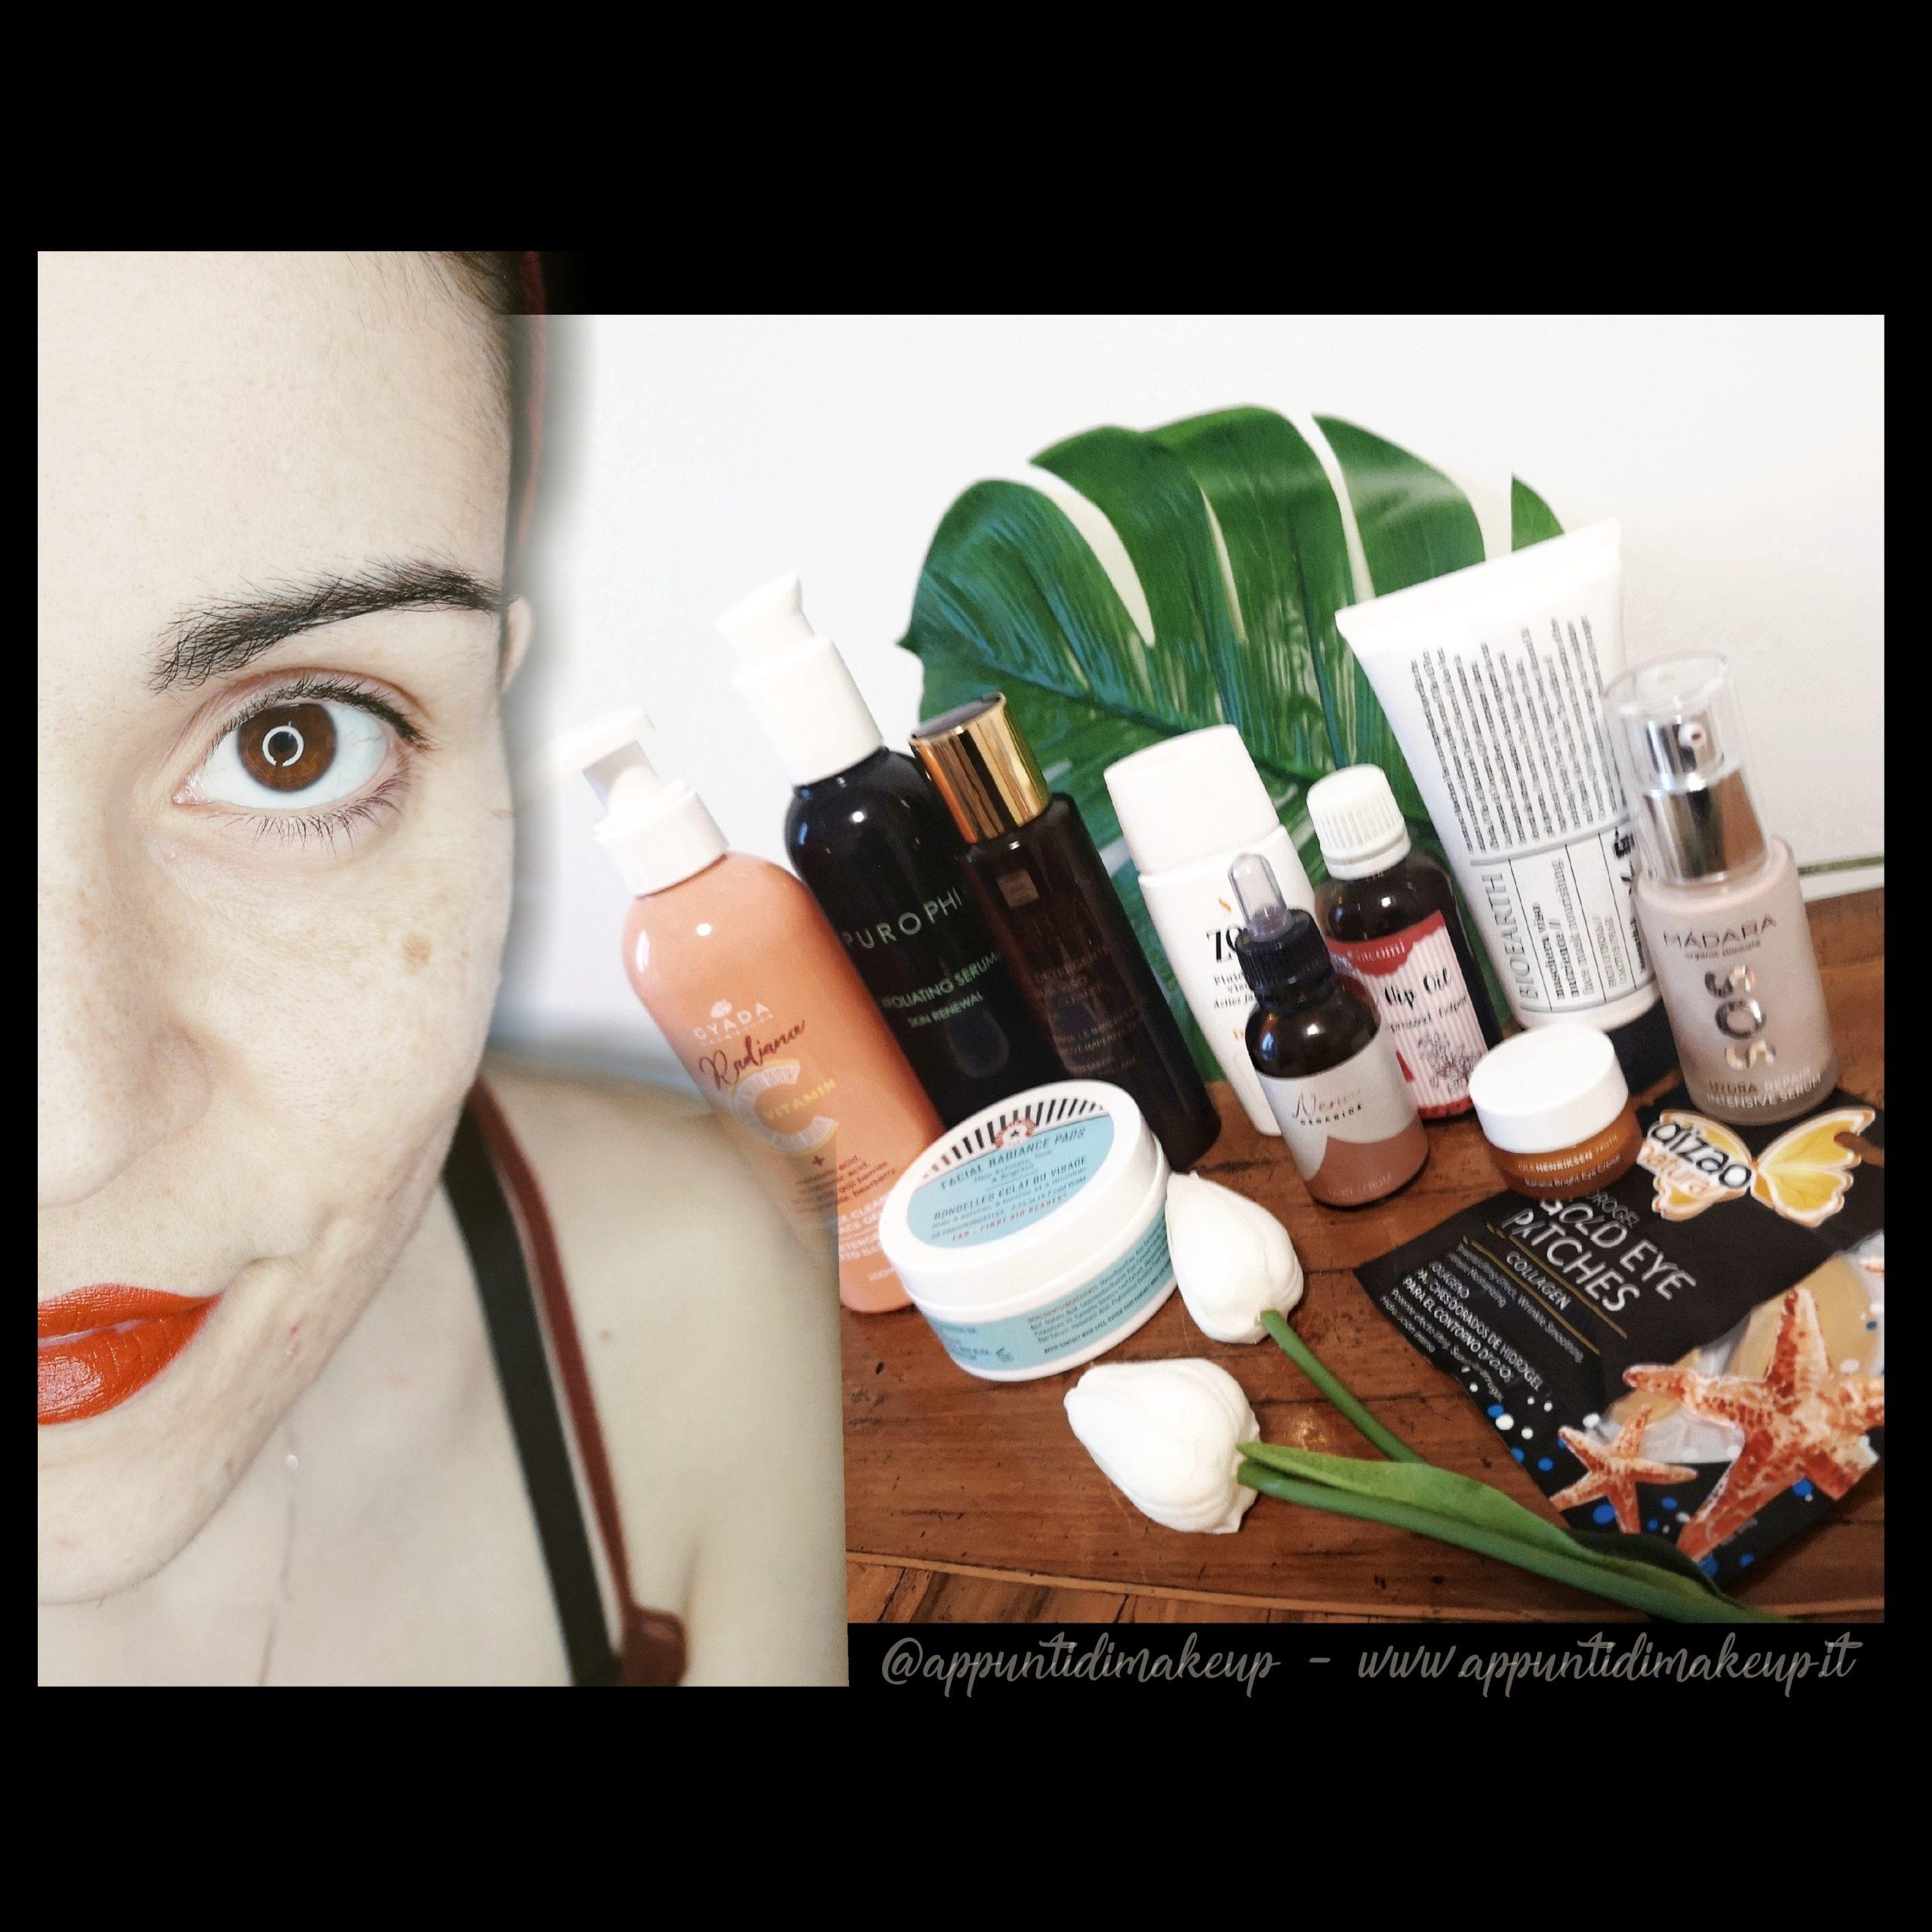 Le 3 cose da fare in autunno per prendersi cura della pelle - Skincare d'autunno: esfoliare, rigenerare, proteggere